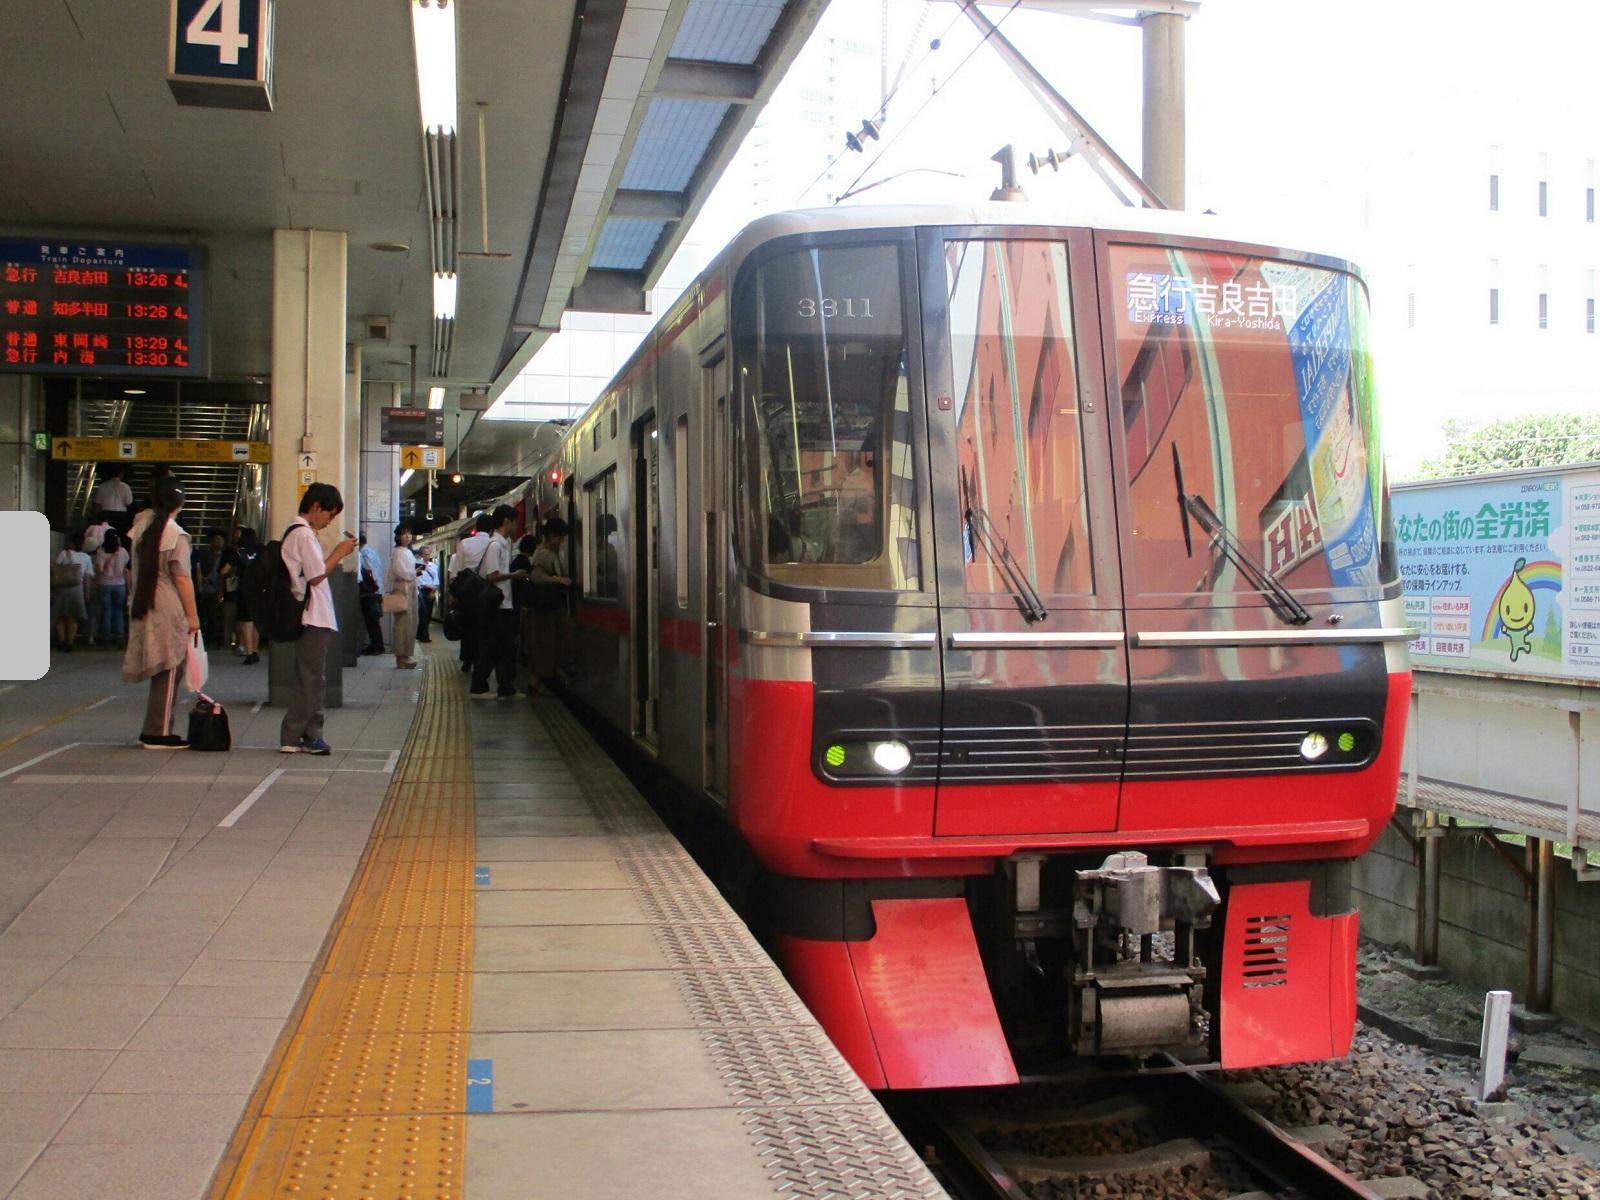 2018.7.24 (10) 金山 - 吉良吉田いき急行 1600-1200